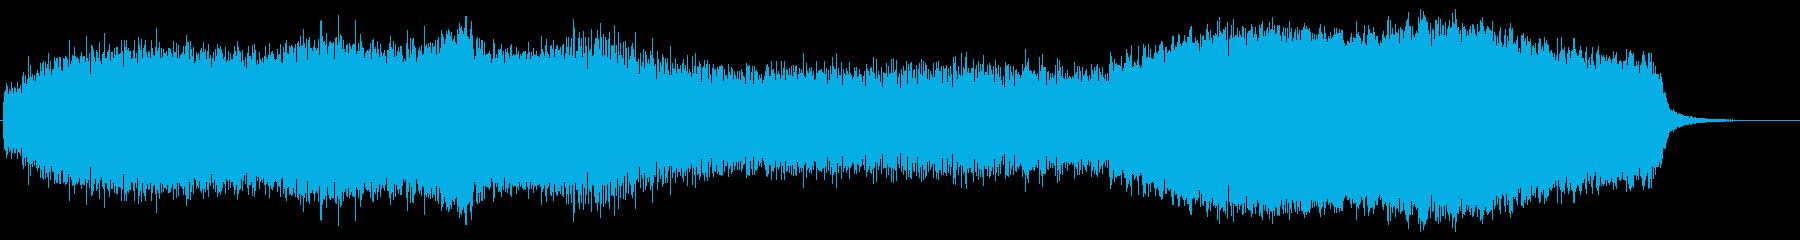 男性コーラスが特徴の荘厳なホラーBGMの再生済みの波形